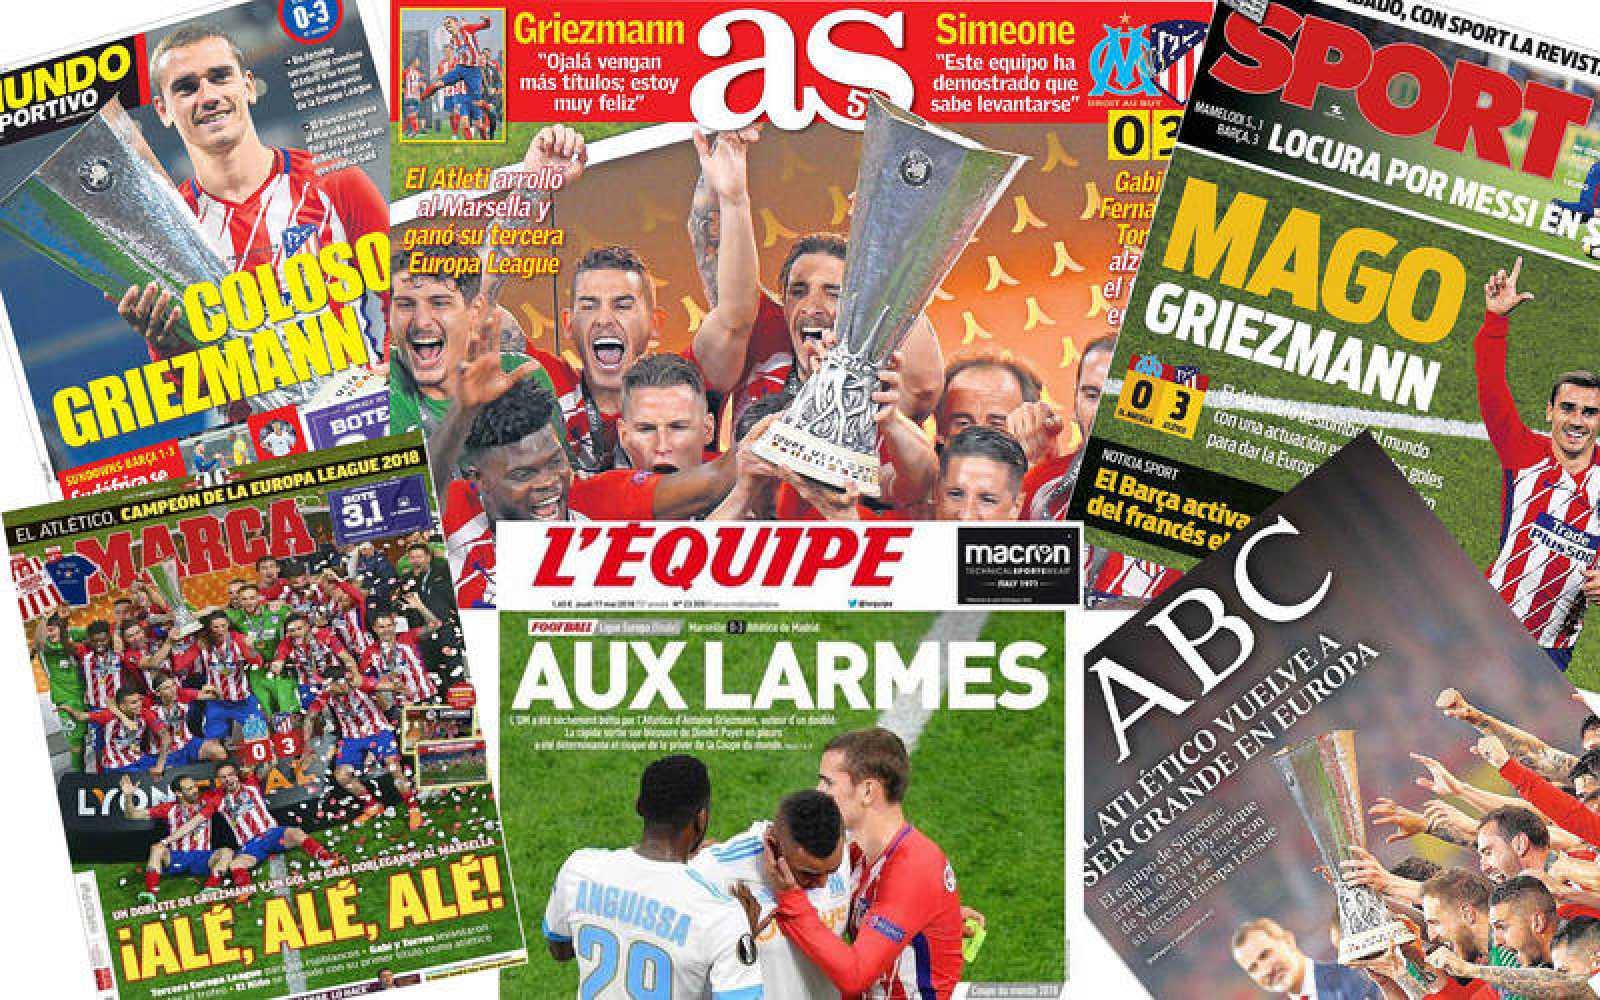 Mosaico de las portadas dedicadas al triunfo del Atlético de Madrid en Lyon.